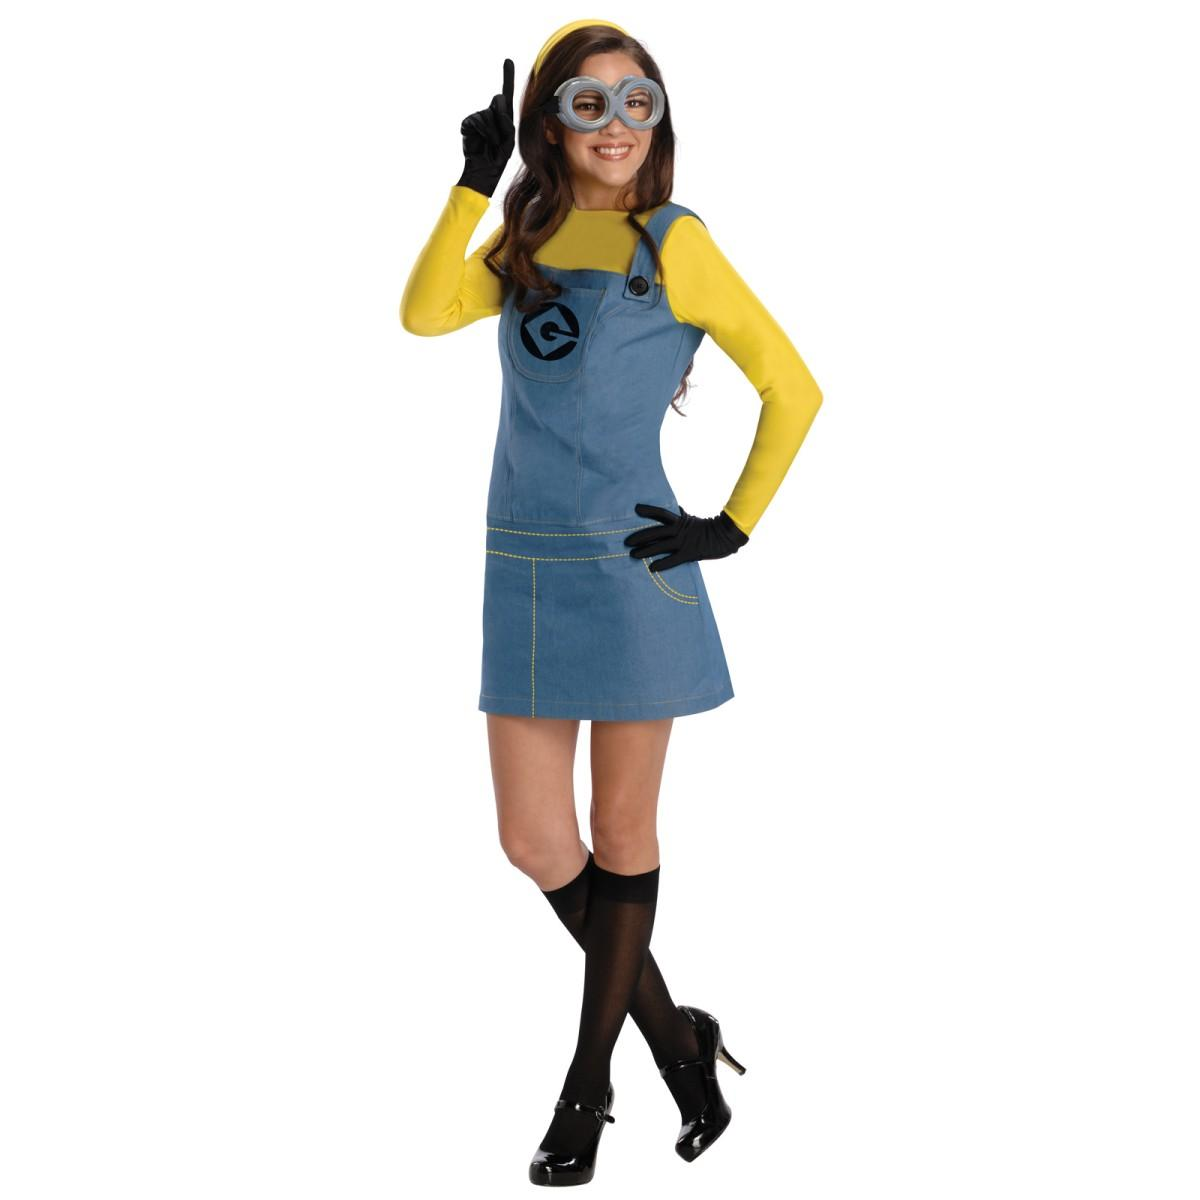 ミニオン 仮装 レディース コスプレ 衣装 大人 怪盗グルー ミニオンズ コスチューム 女性 あす楽